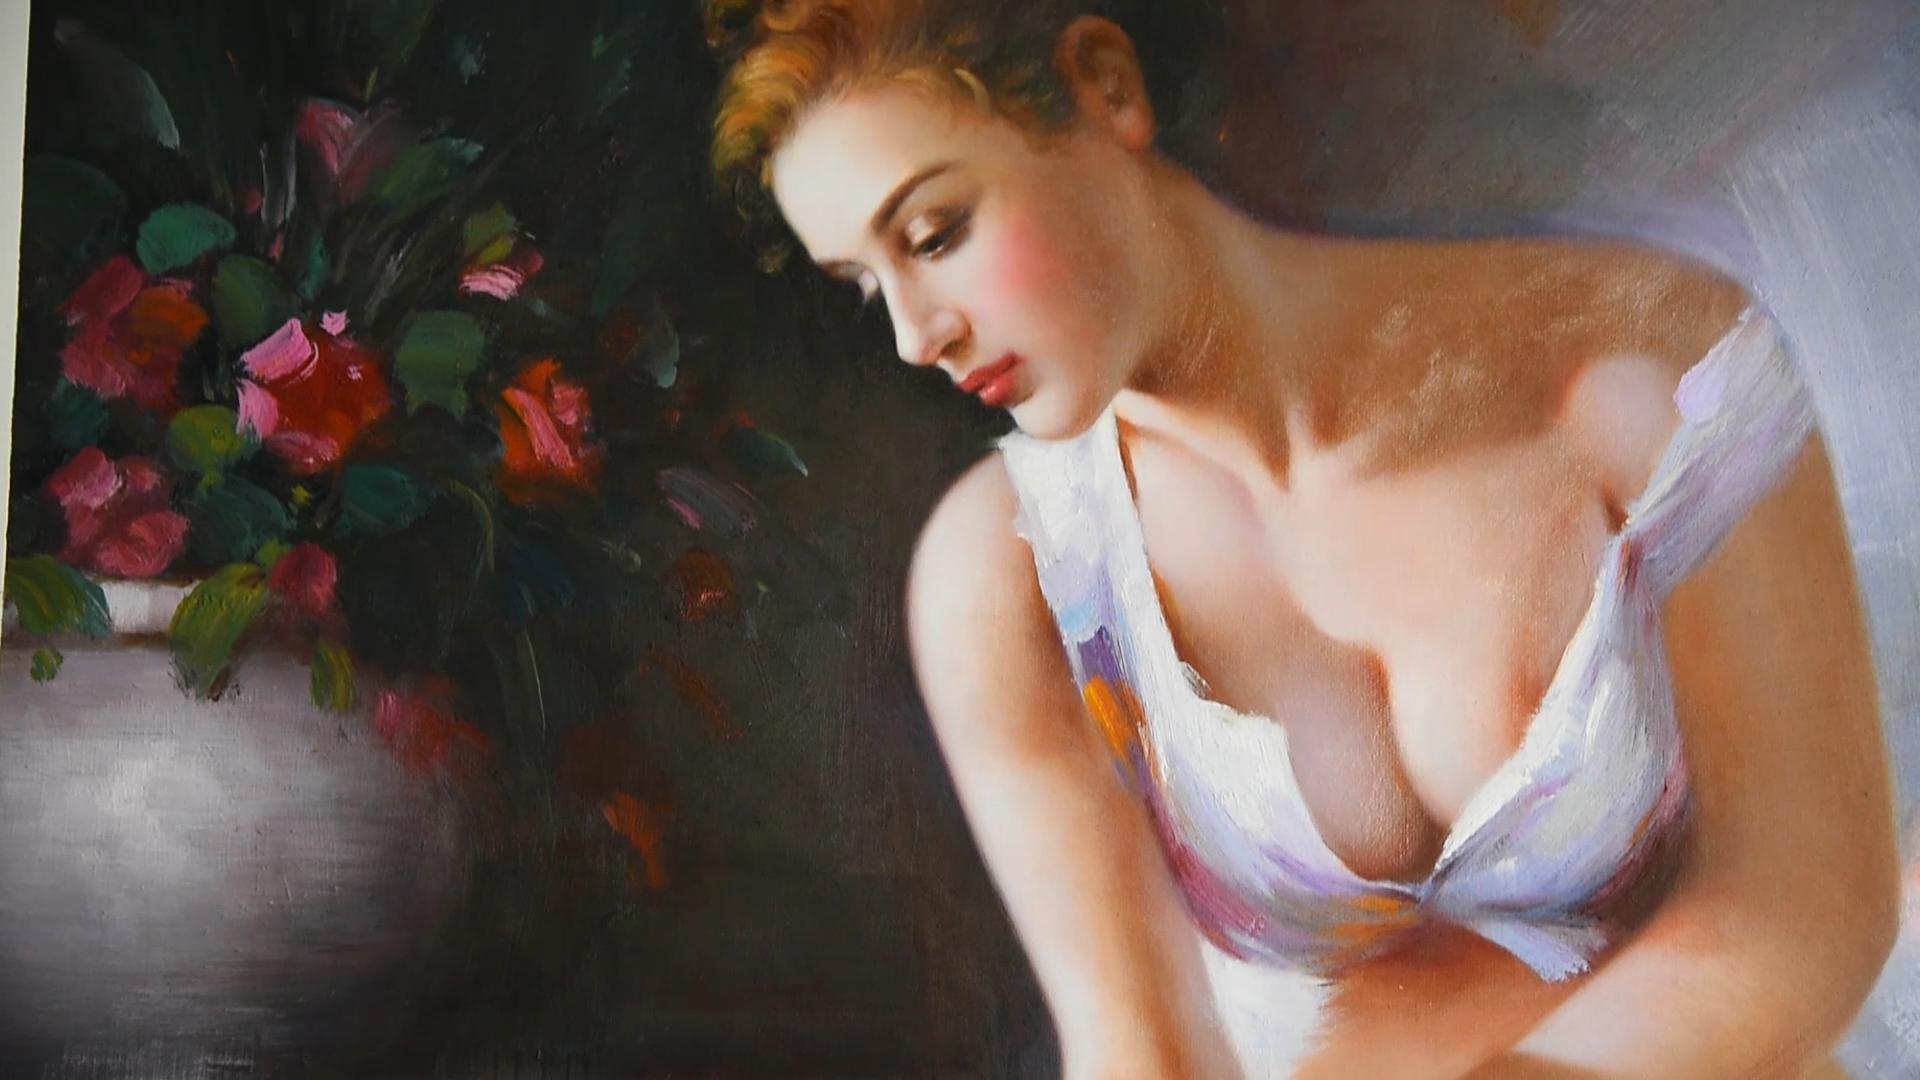 מפורסם אנשים מרילין מונרו בעבודת יד דיוקן ציור שמן תמונה